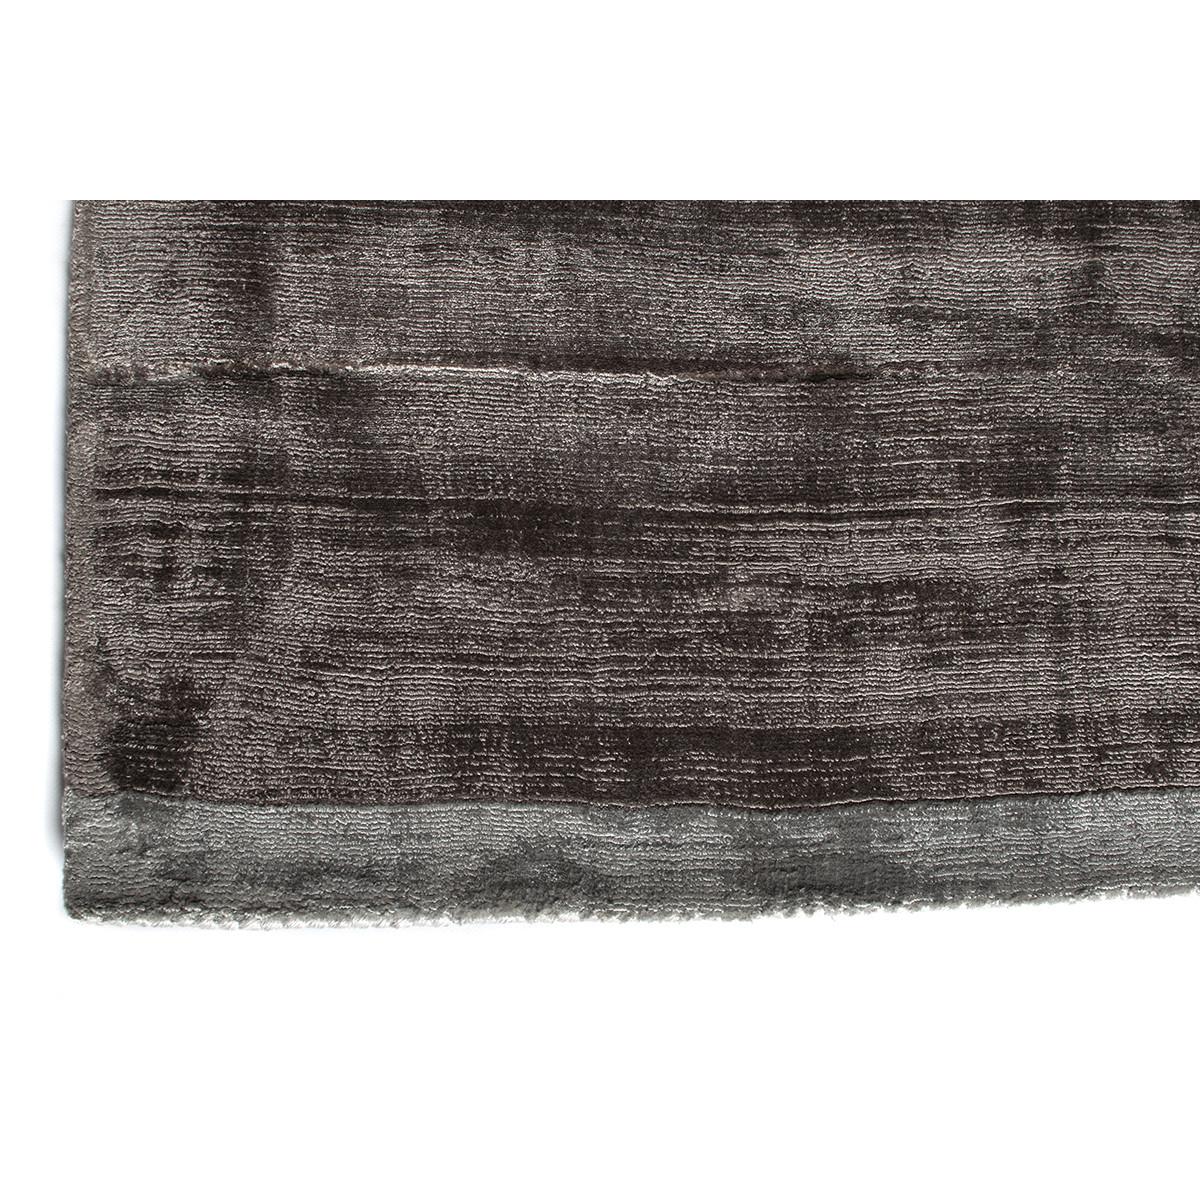 Teppich Nature | Grau Silber-140 x 200 cm